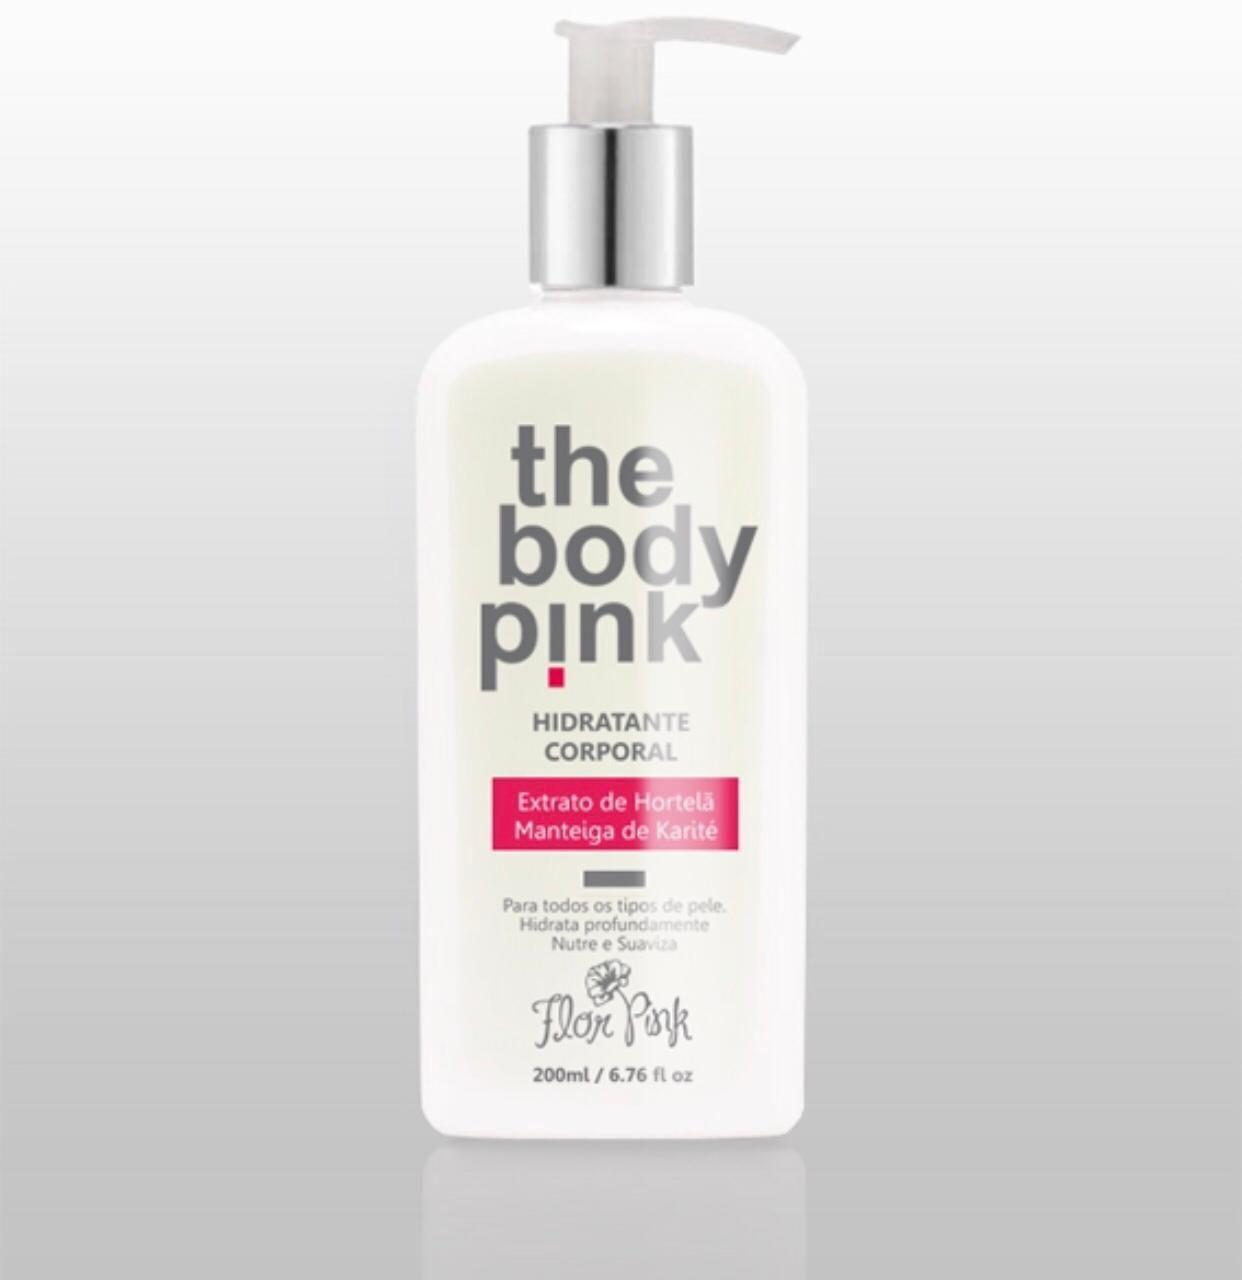 The Body Pink Hidratante Corporal